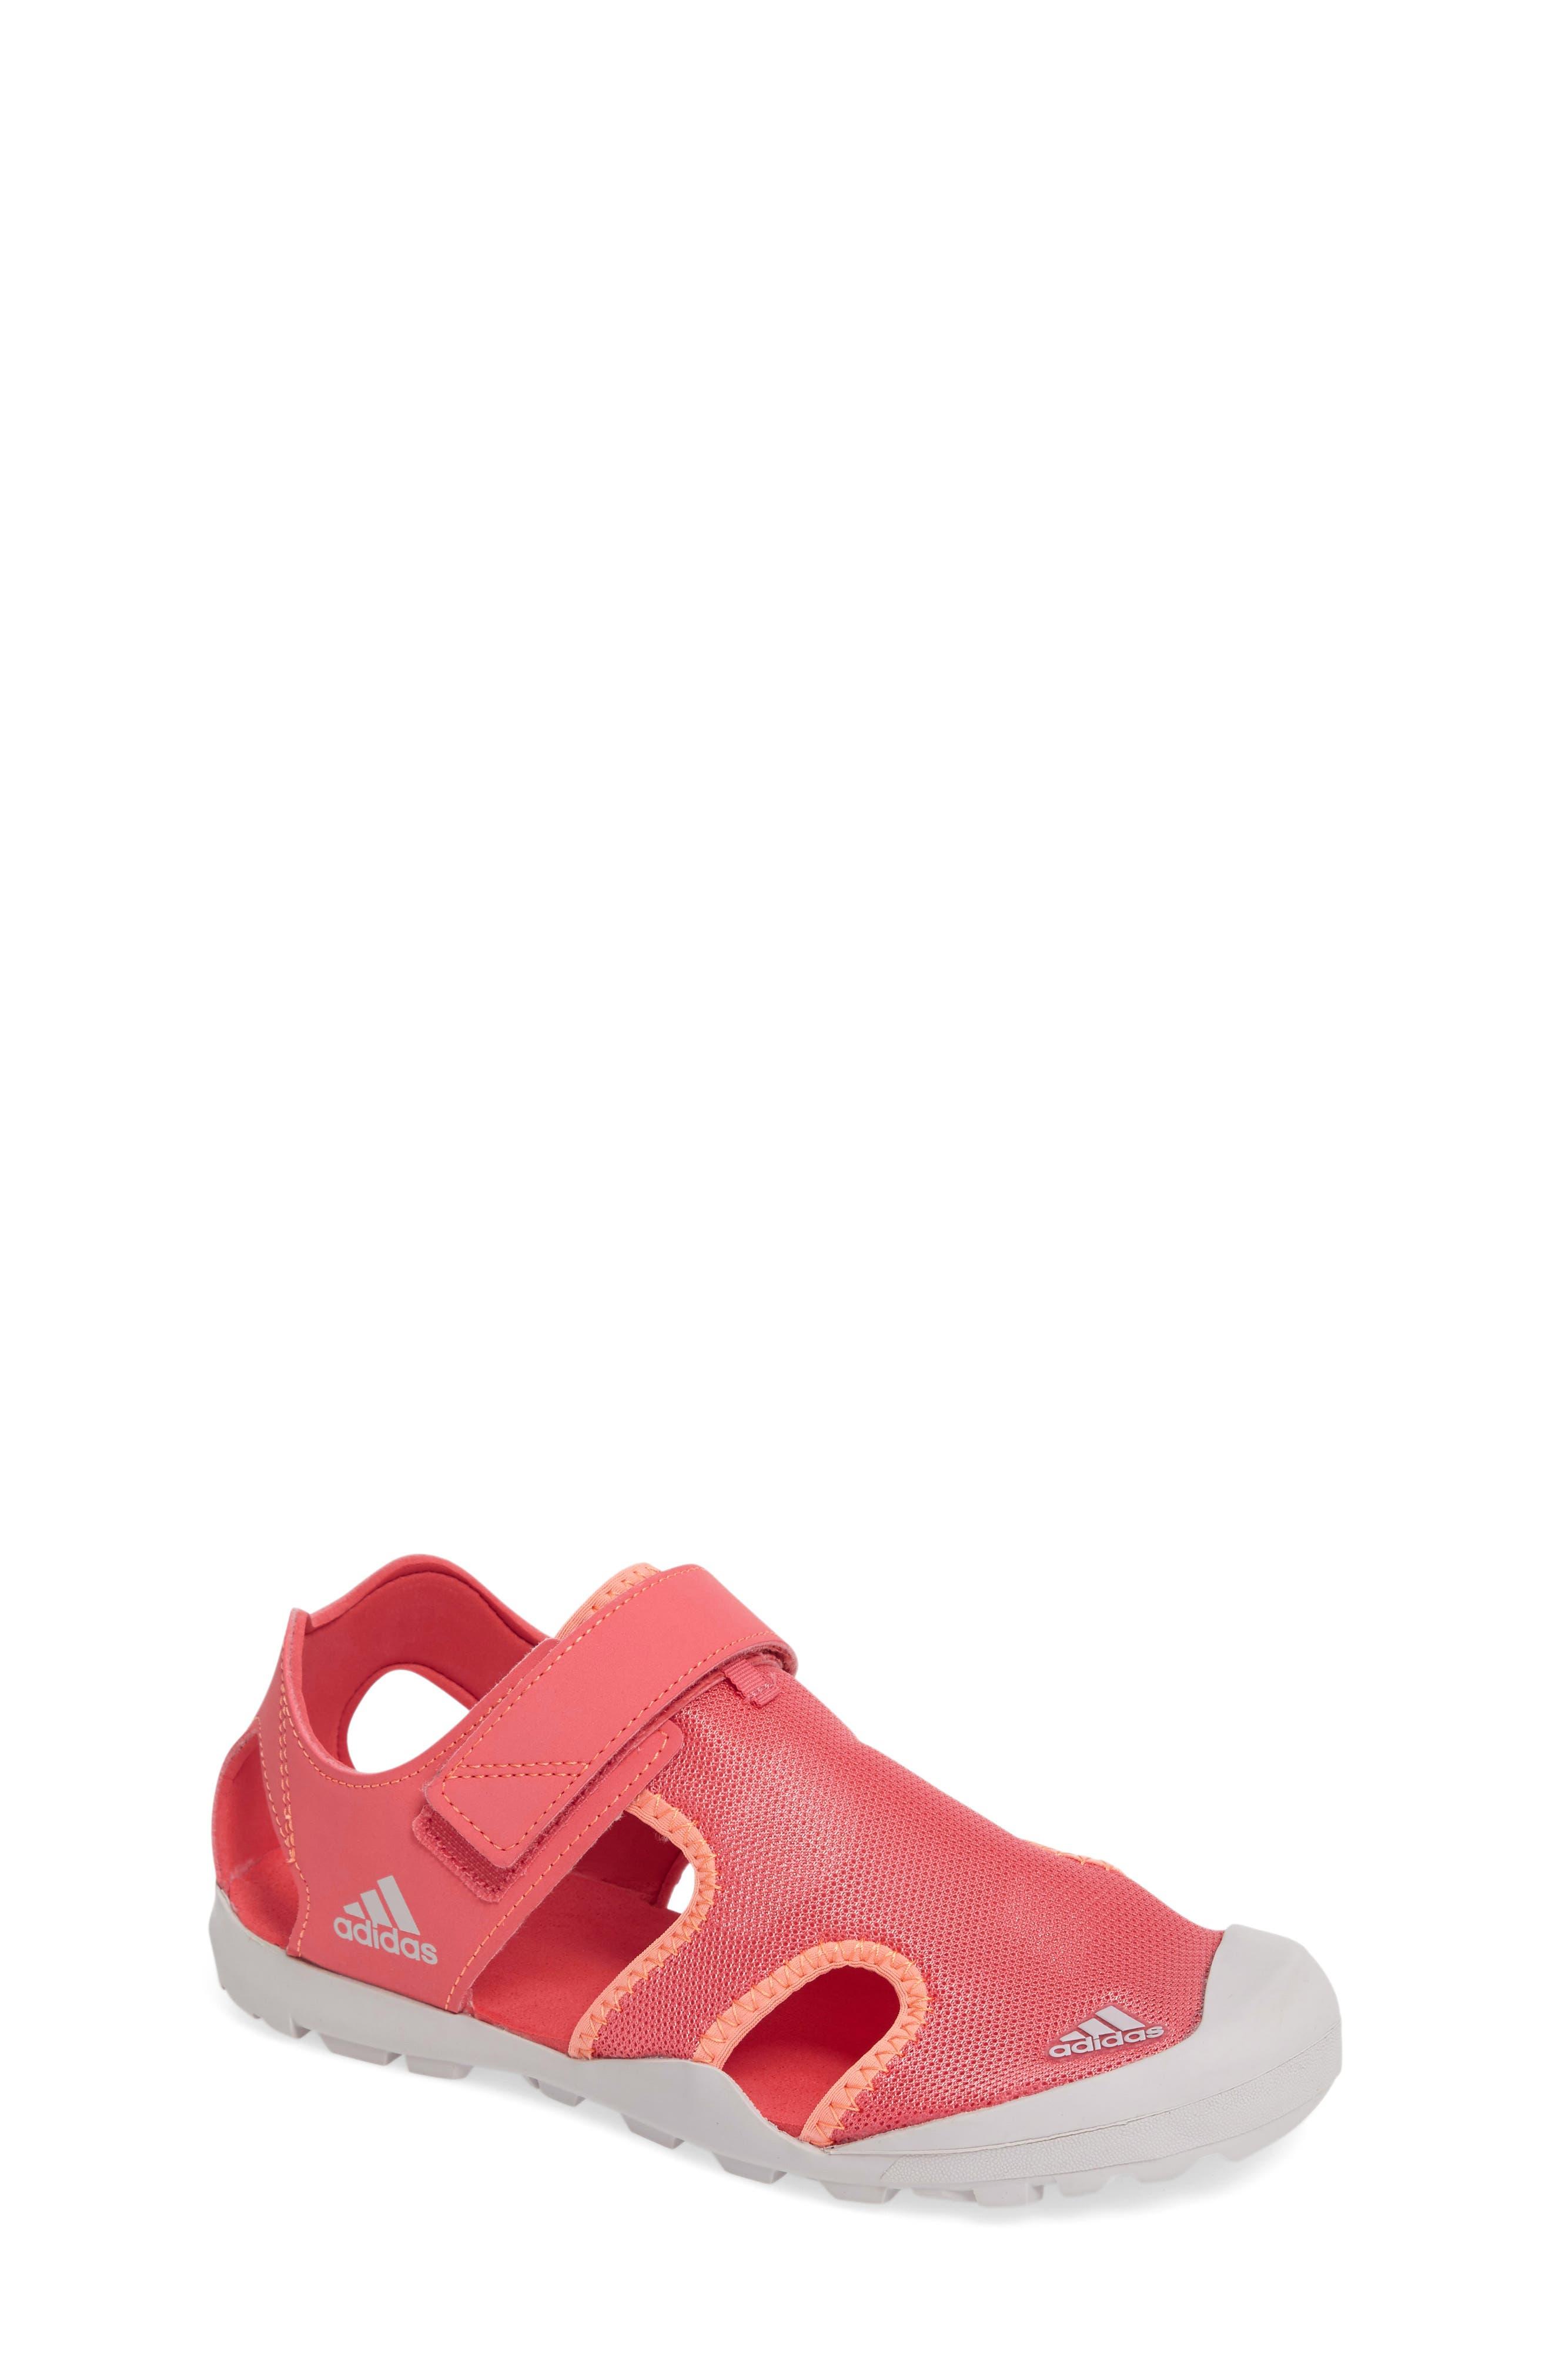 Captain Toey Sandal,                             Main thumbnail 1, color,                             Tactile Pink/ Purple/ Orange